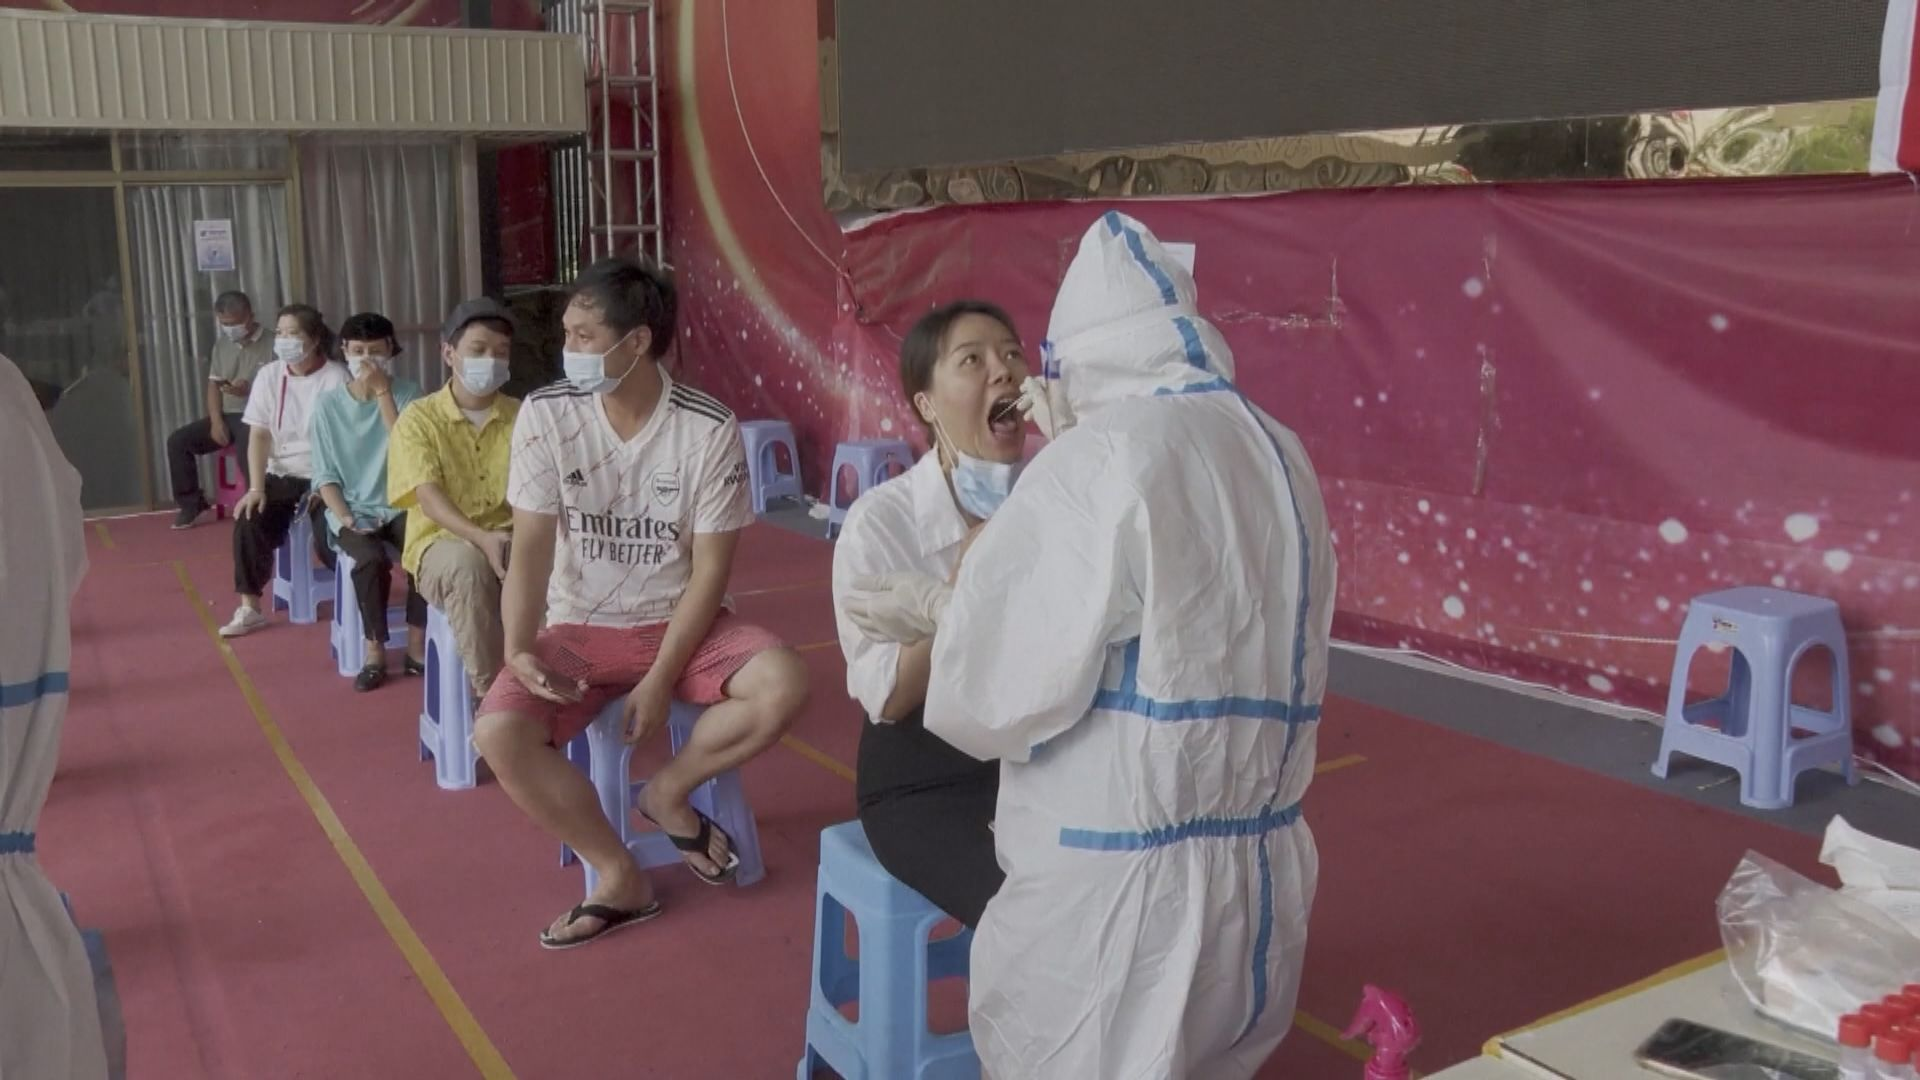 雲南瑞麗增5宗本地確診及無症狀感染 均為緬甸籍